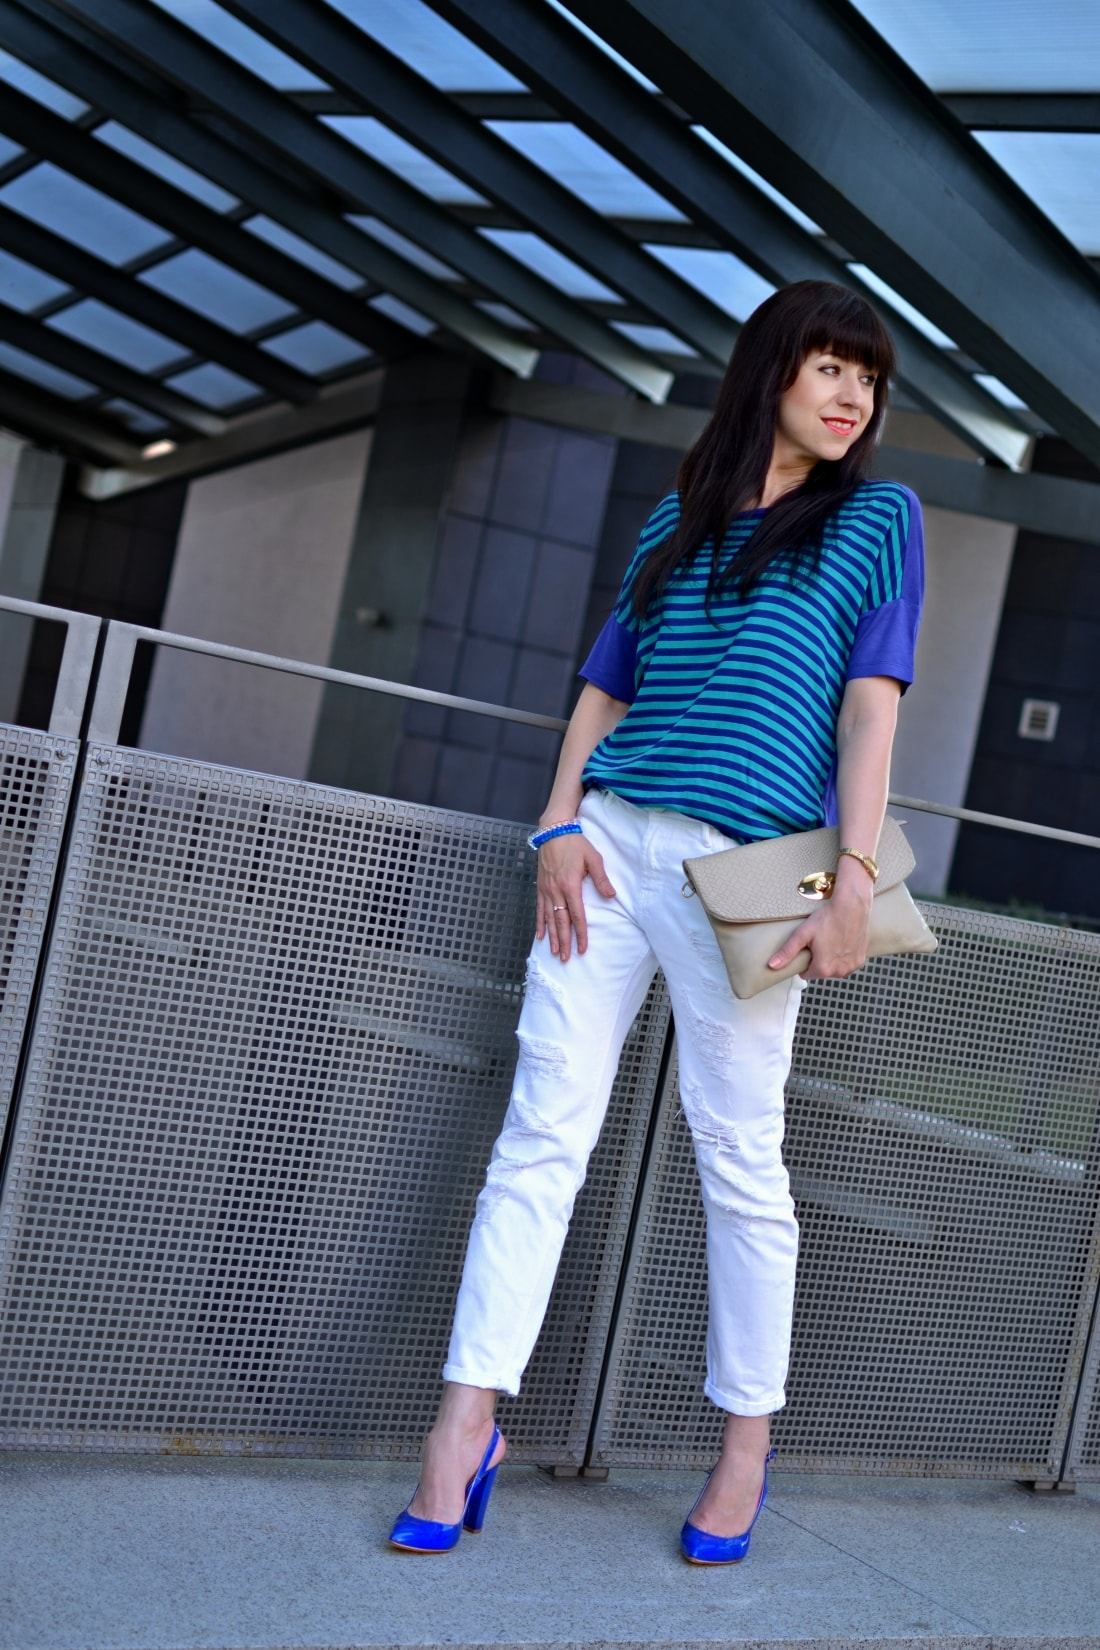 BLOG A WORDPRESS_Katharine-fashion is beautiful blog 3_wordpress_Biele džínsy_Prúžky_Pásiky_Katarína Jakubčová_Fashion blogger